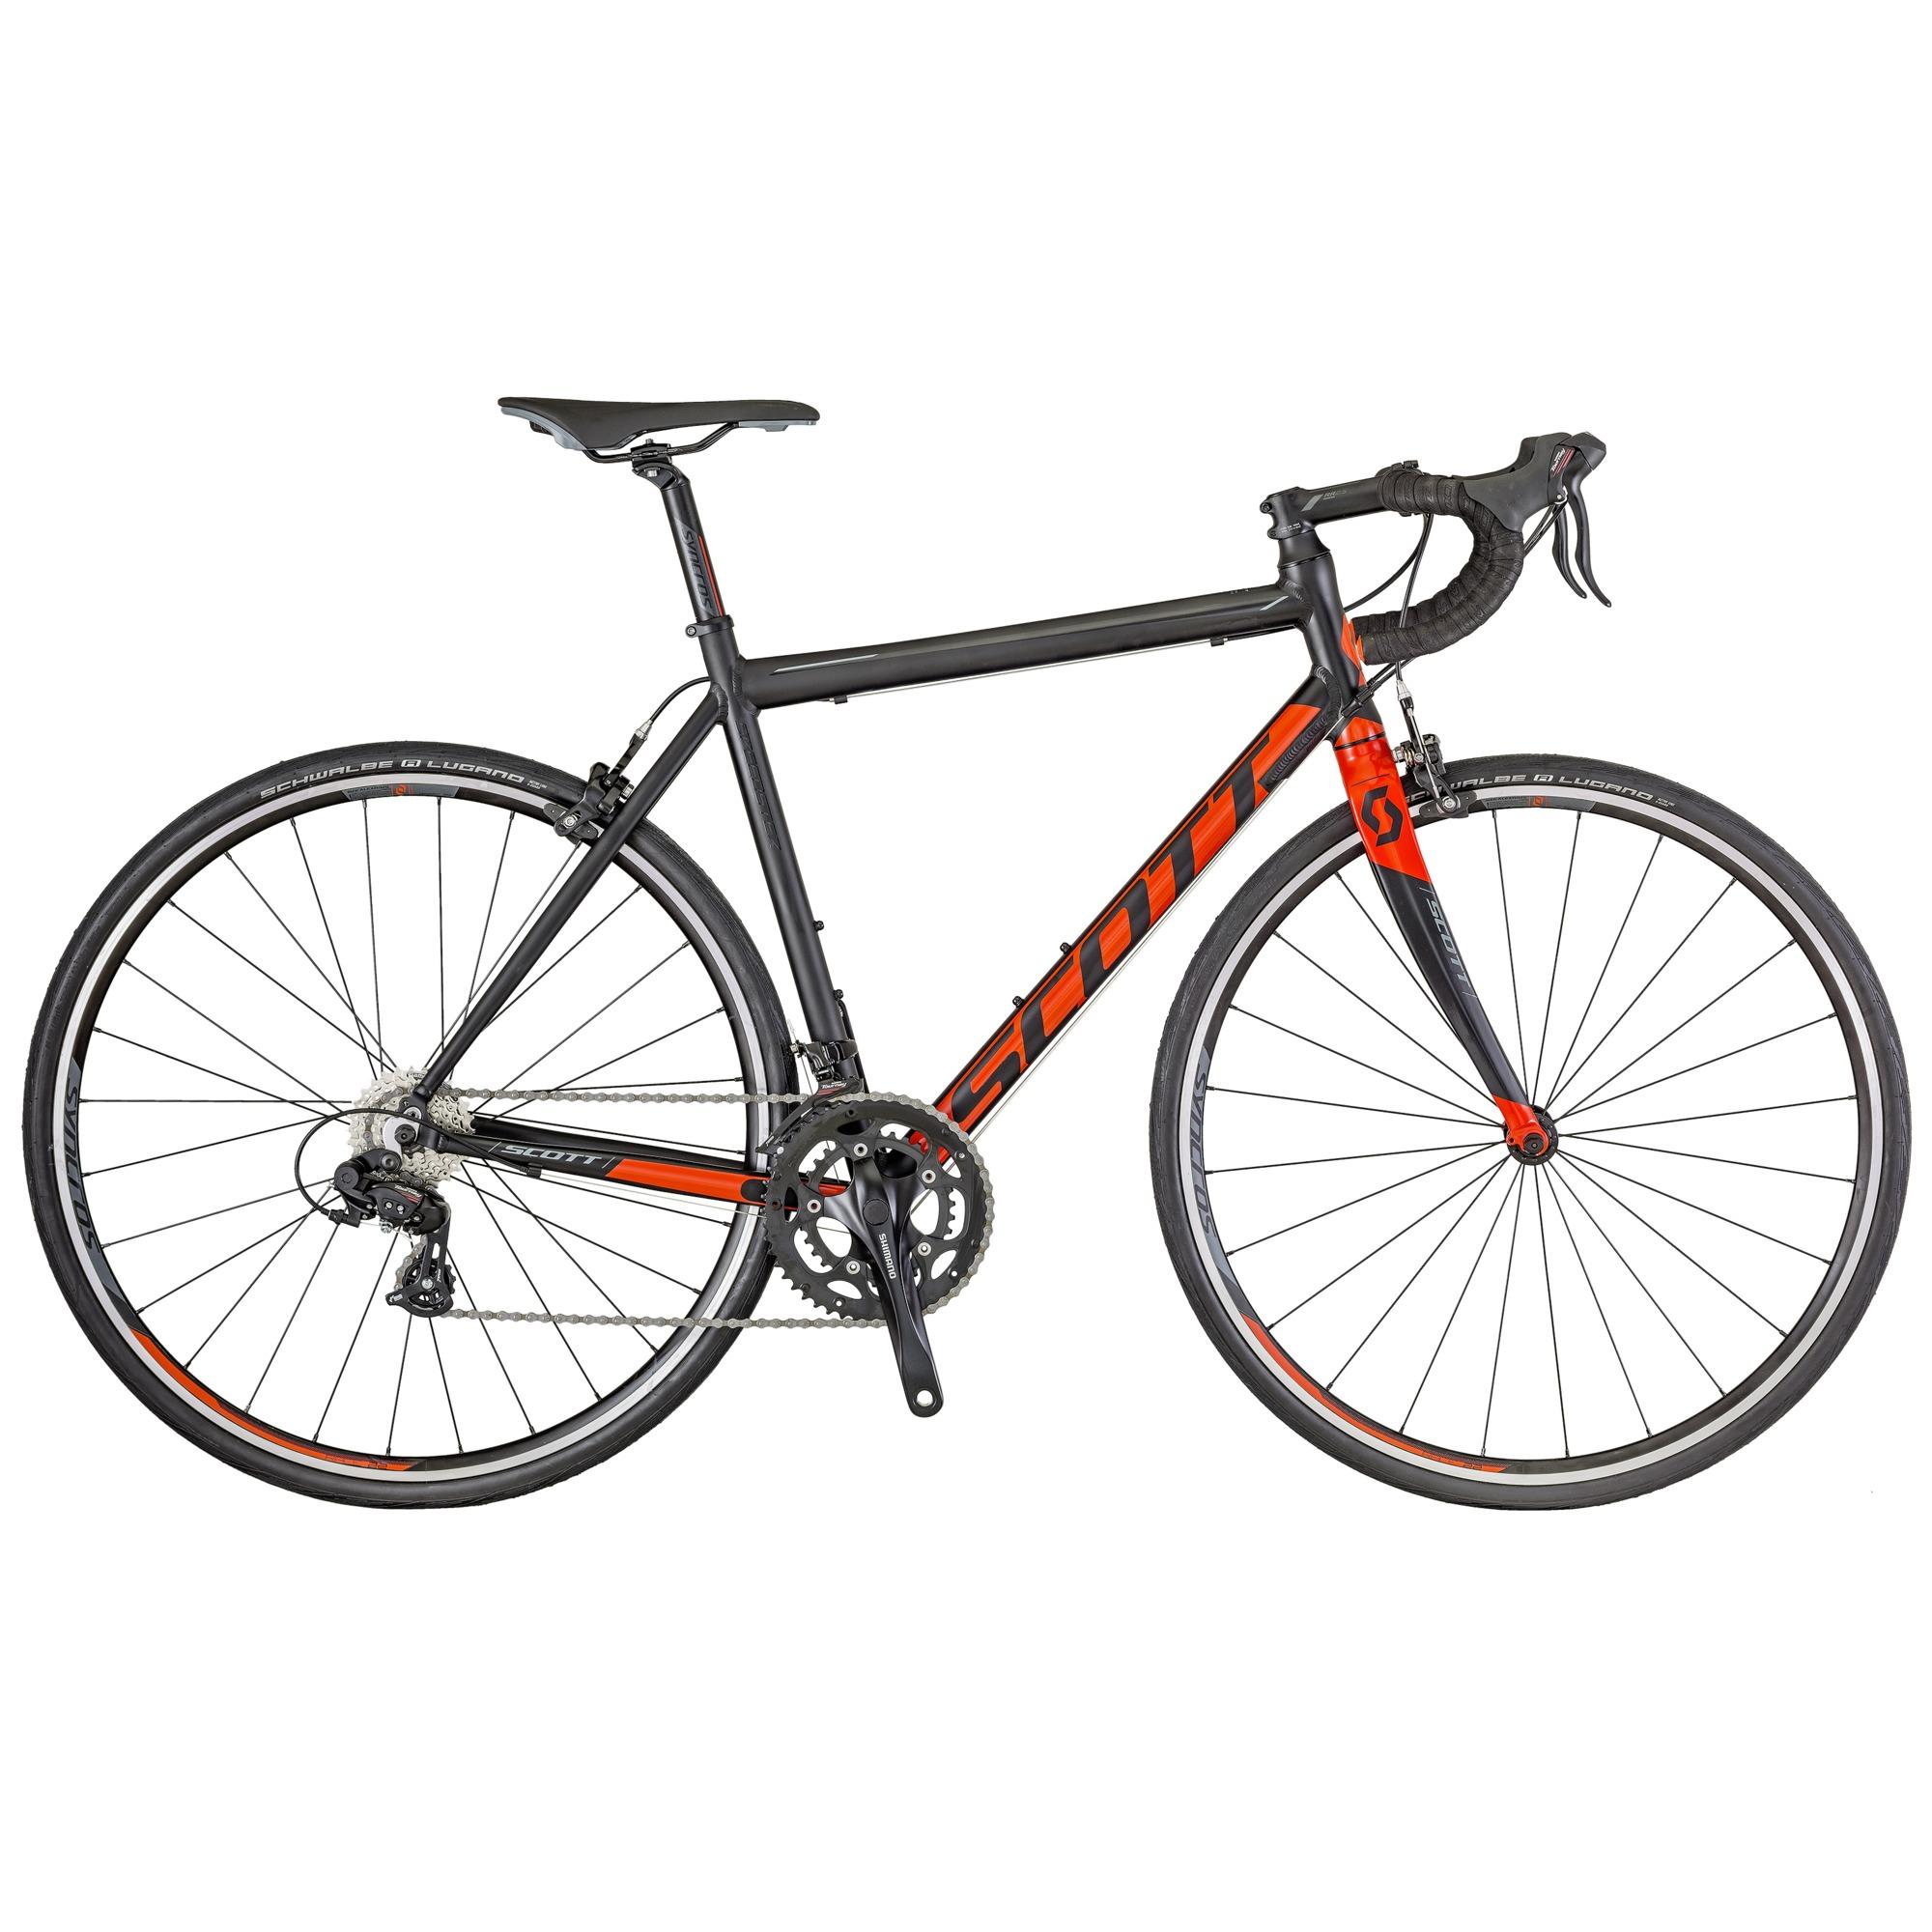 SCOTT Speedster 50 Bike 2XL61 - Zweirad Homann